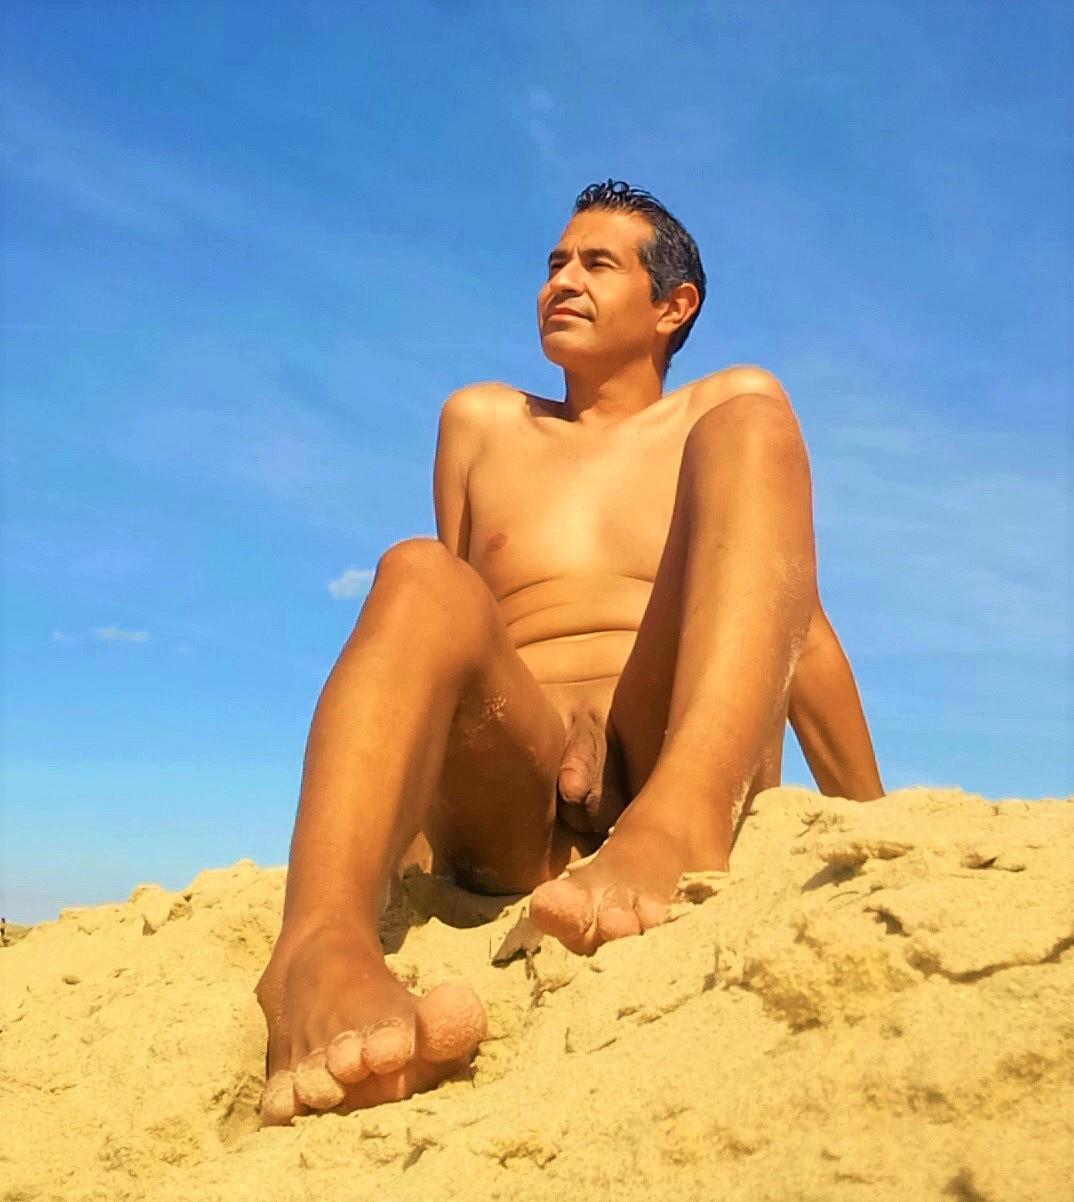 Hovan, Modèle masculin de Niort, modèle homme de Niort, naturiste de Niort, homme naturiste, model de Niort, nu artistique de Niort, modèle vivant nu de Niort, homme nudiste, homme nu